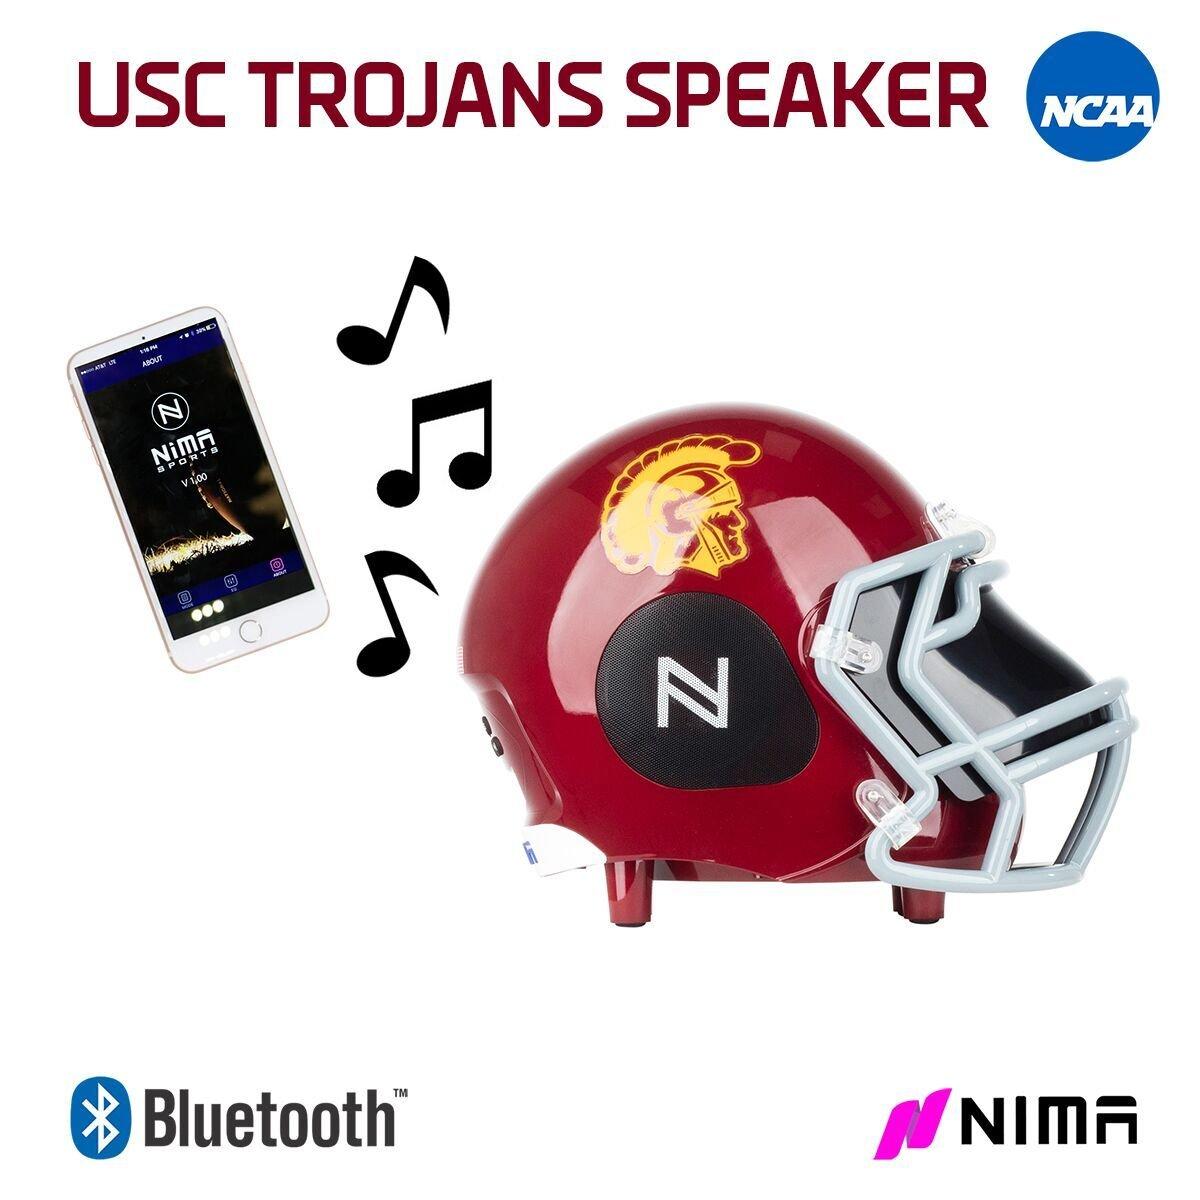 Nima Athletics NCAA Football USC Trojans Wireless Bluetooth Speaker. Officially Licensed Portable Helmet Speaker by NCAA College Football - Medium